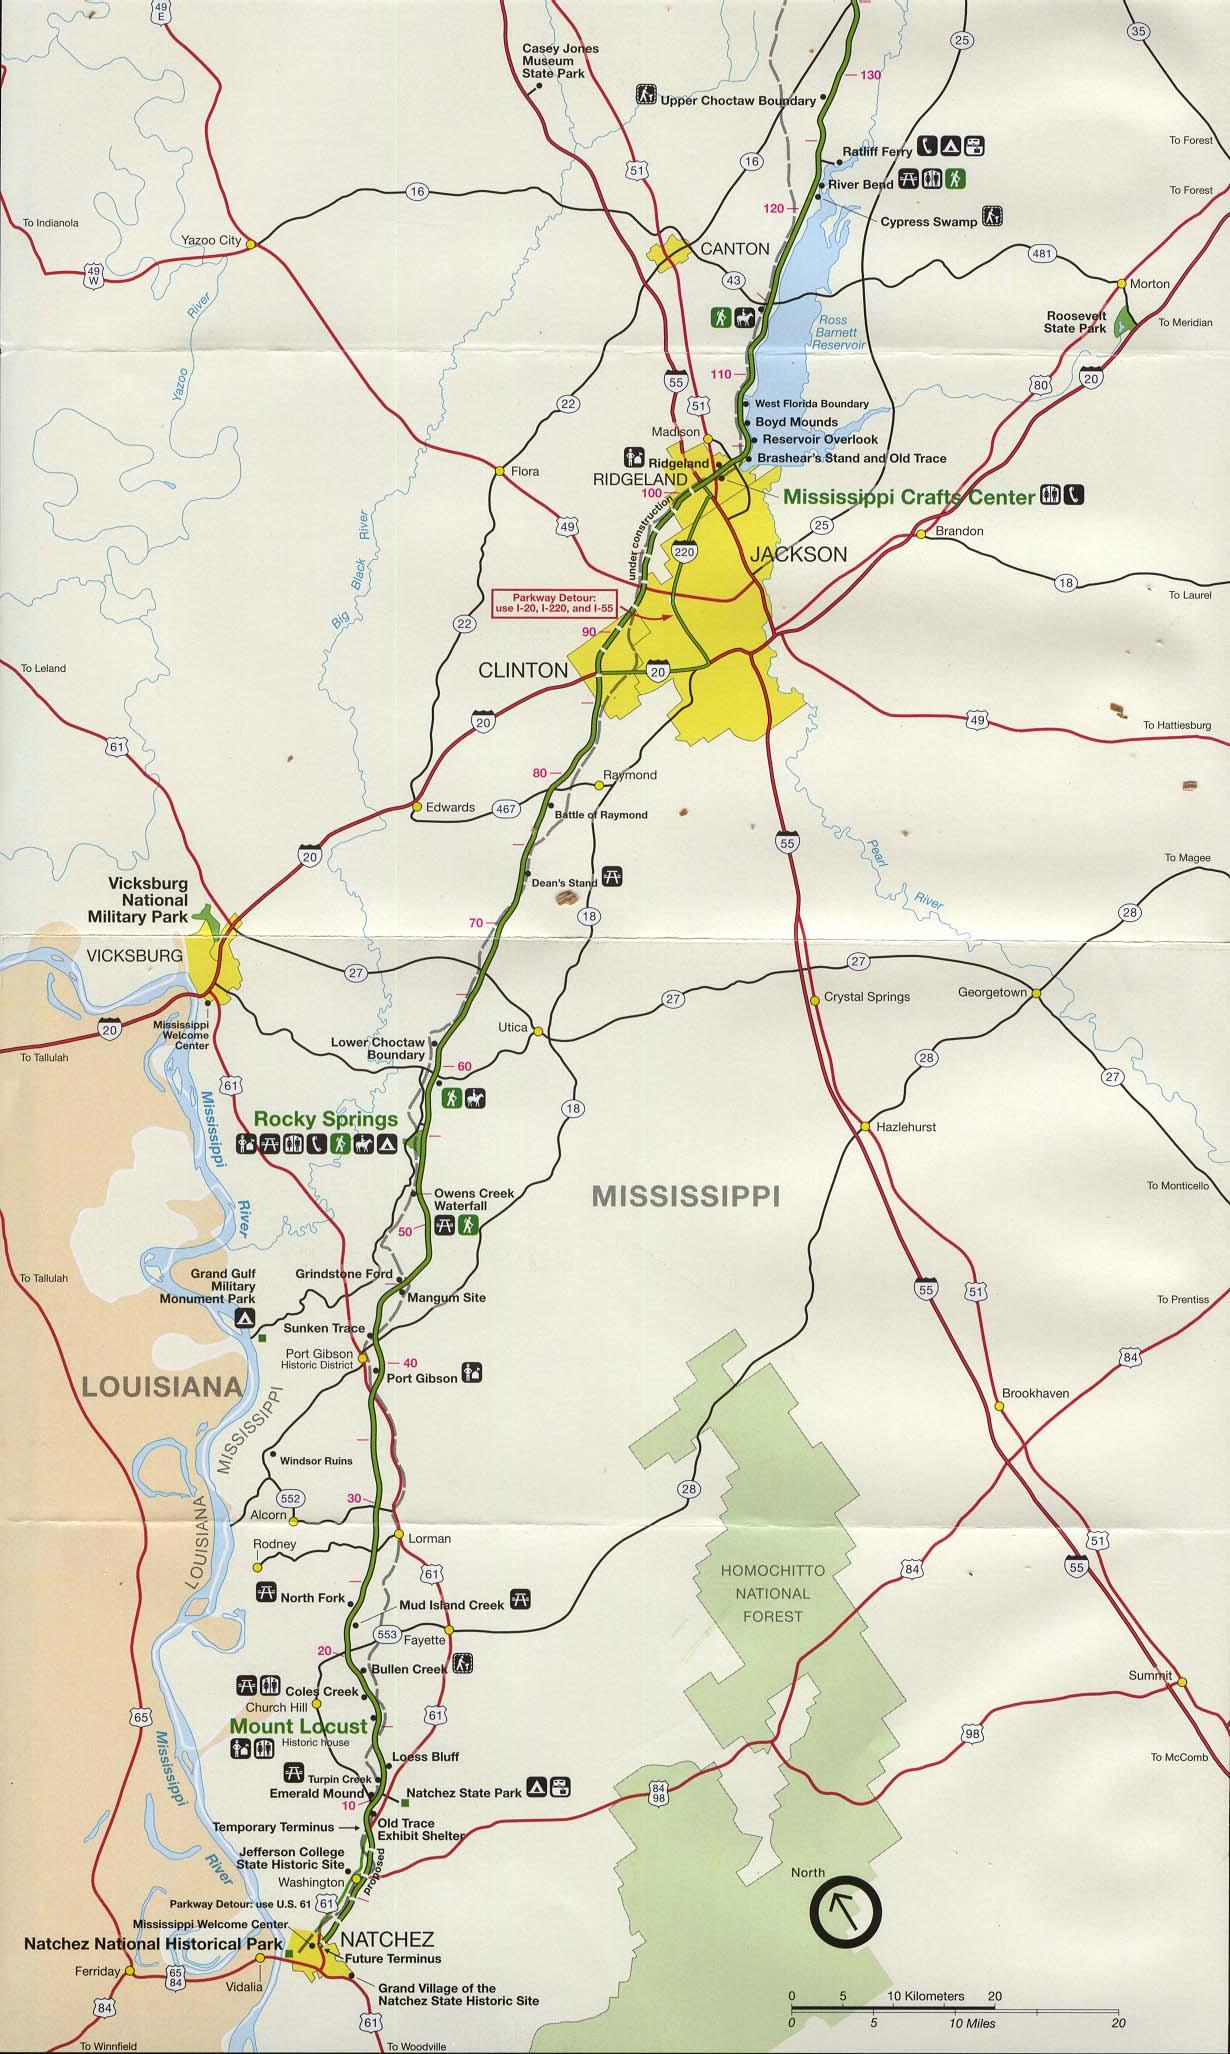 Mapa de la Ruta Escénica Nacional Natchez Trace Parkway, Desde Natchez Hasta Jackson, Misisipi, Estados Unidos